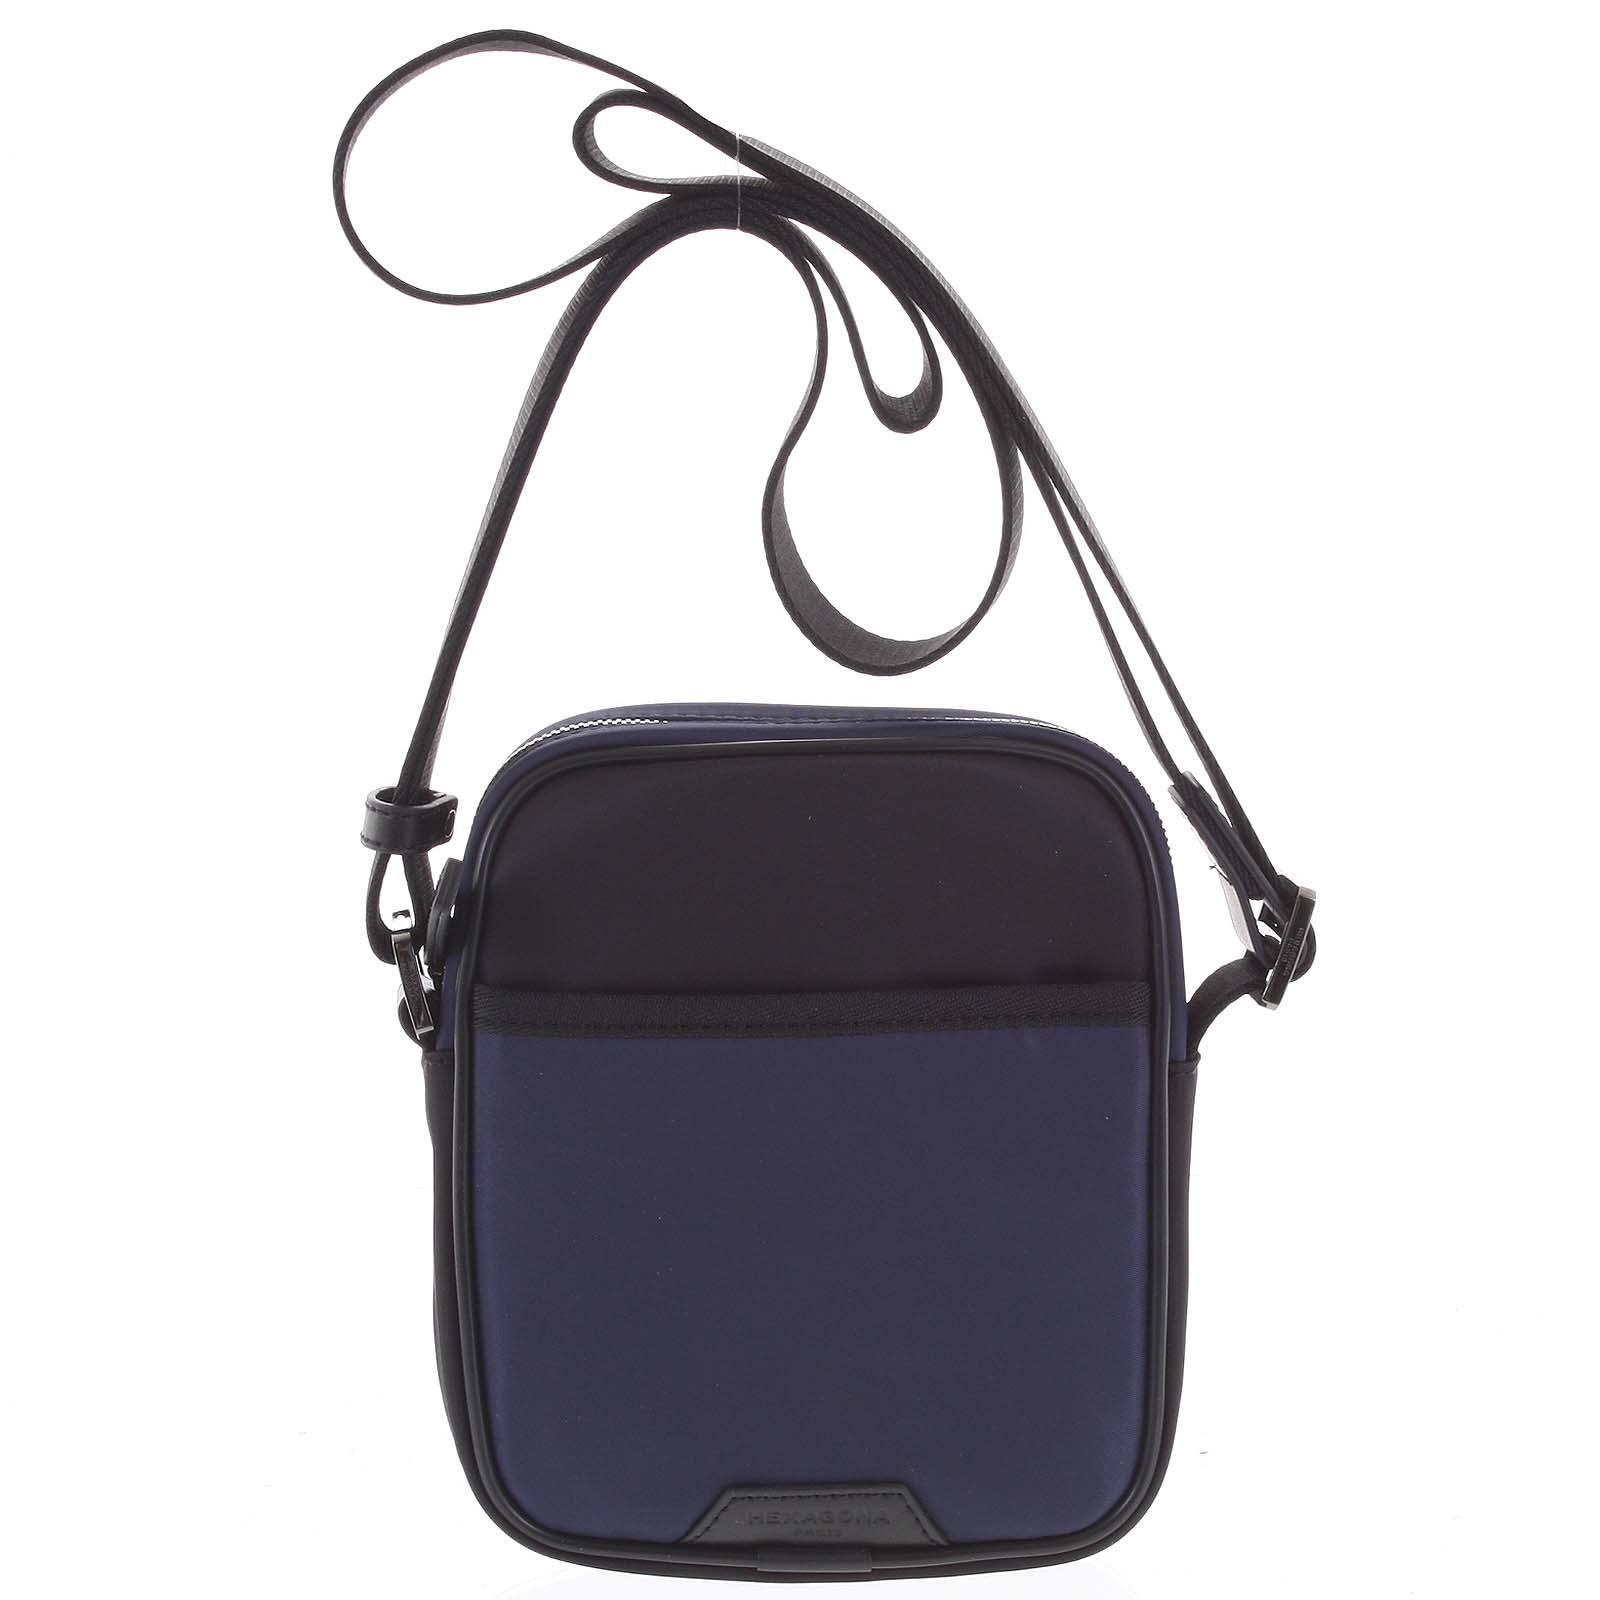 Malá pánská crossbody taška modro černá - Hexagona Arga